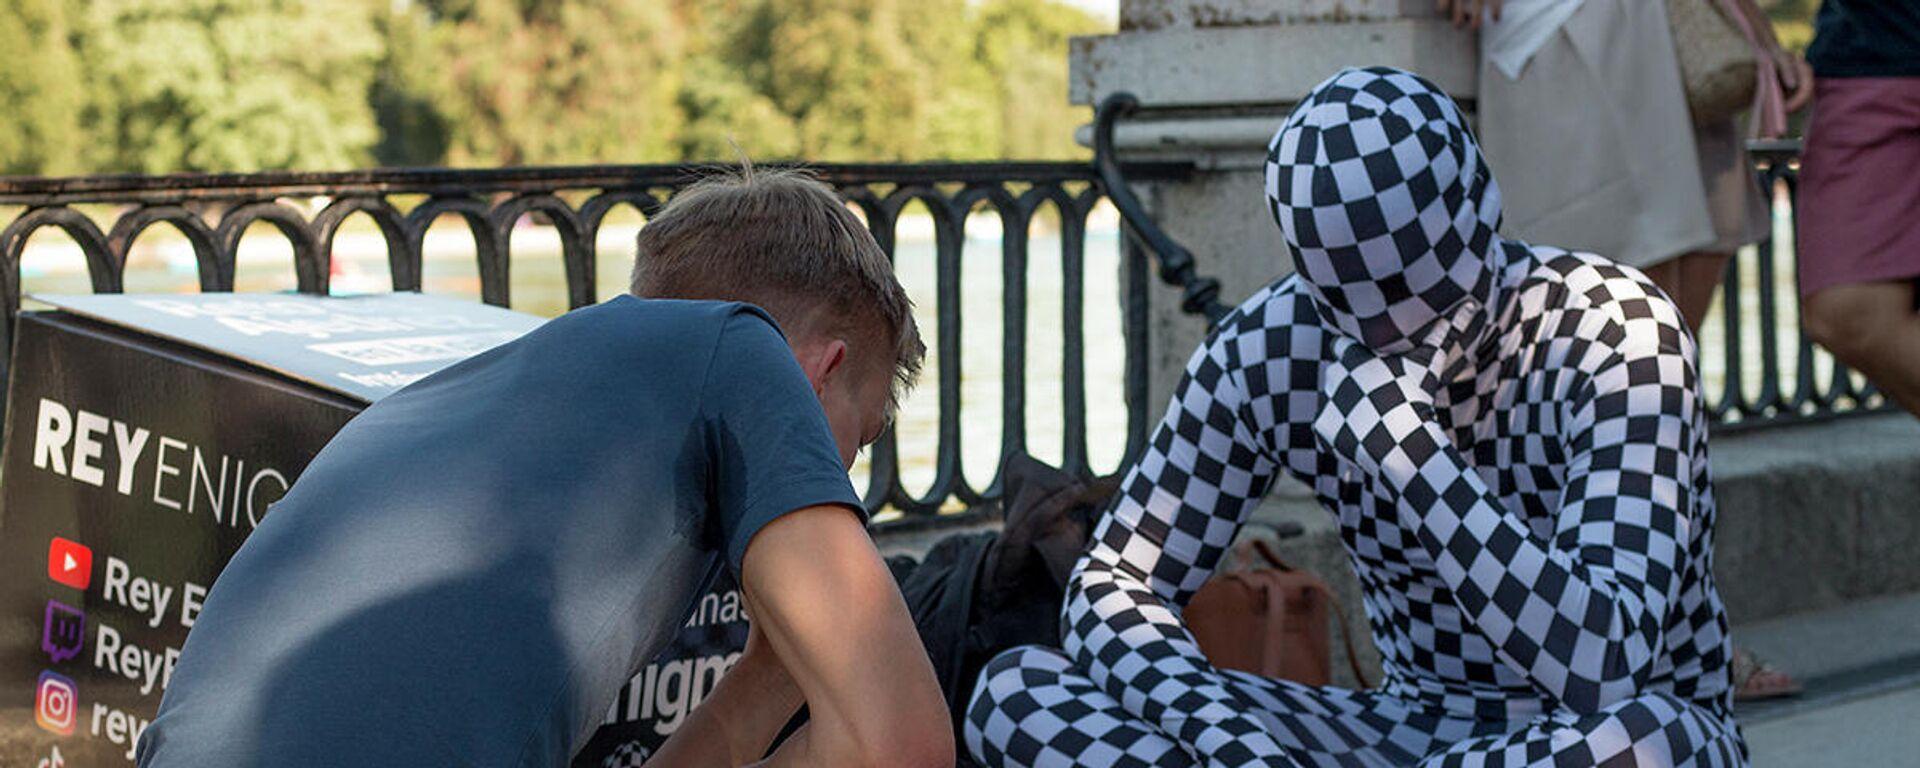 El llamado Rey Enigma juega al ajedrez en el parque de El Retiro de Madrid - Sputnik Mundo, 1920, 10.07.2021